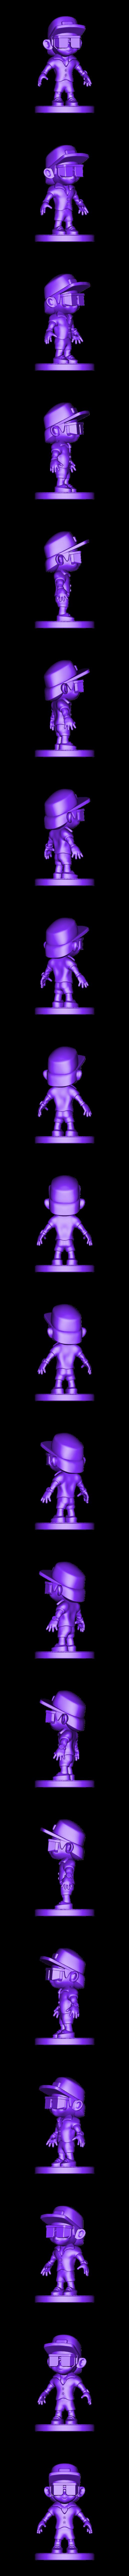 bruno mars.stl Descargar archivo STL Bruno Mars chibi • Plan para la impresión en 3D, MatteoMoscatelli